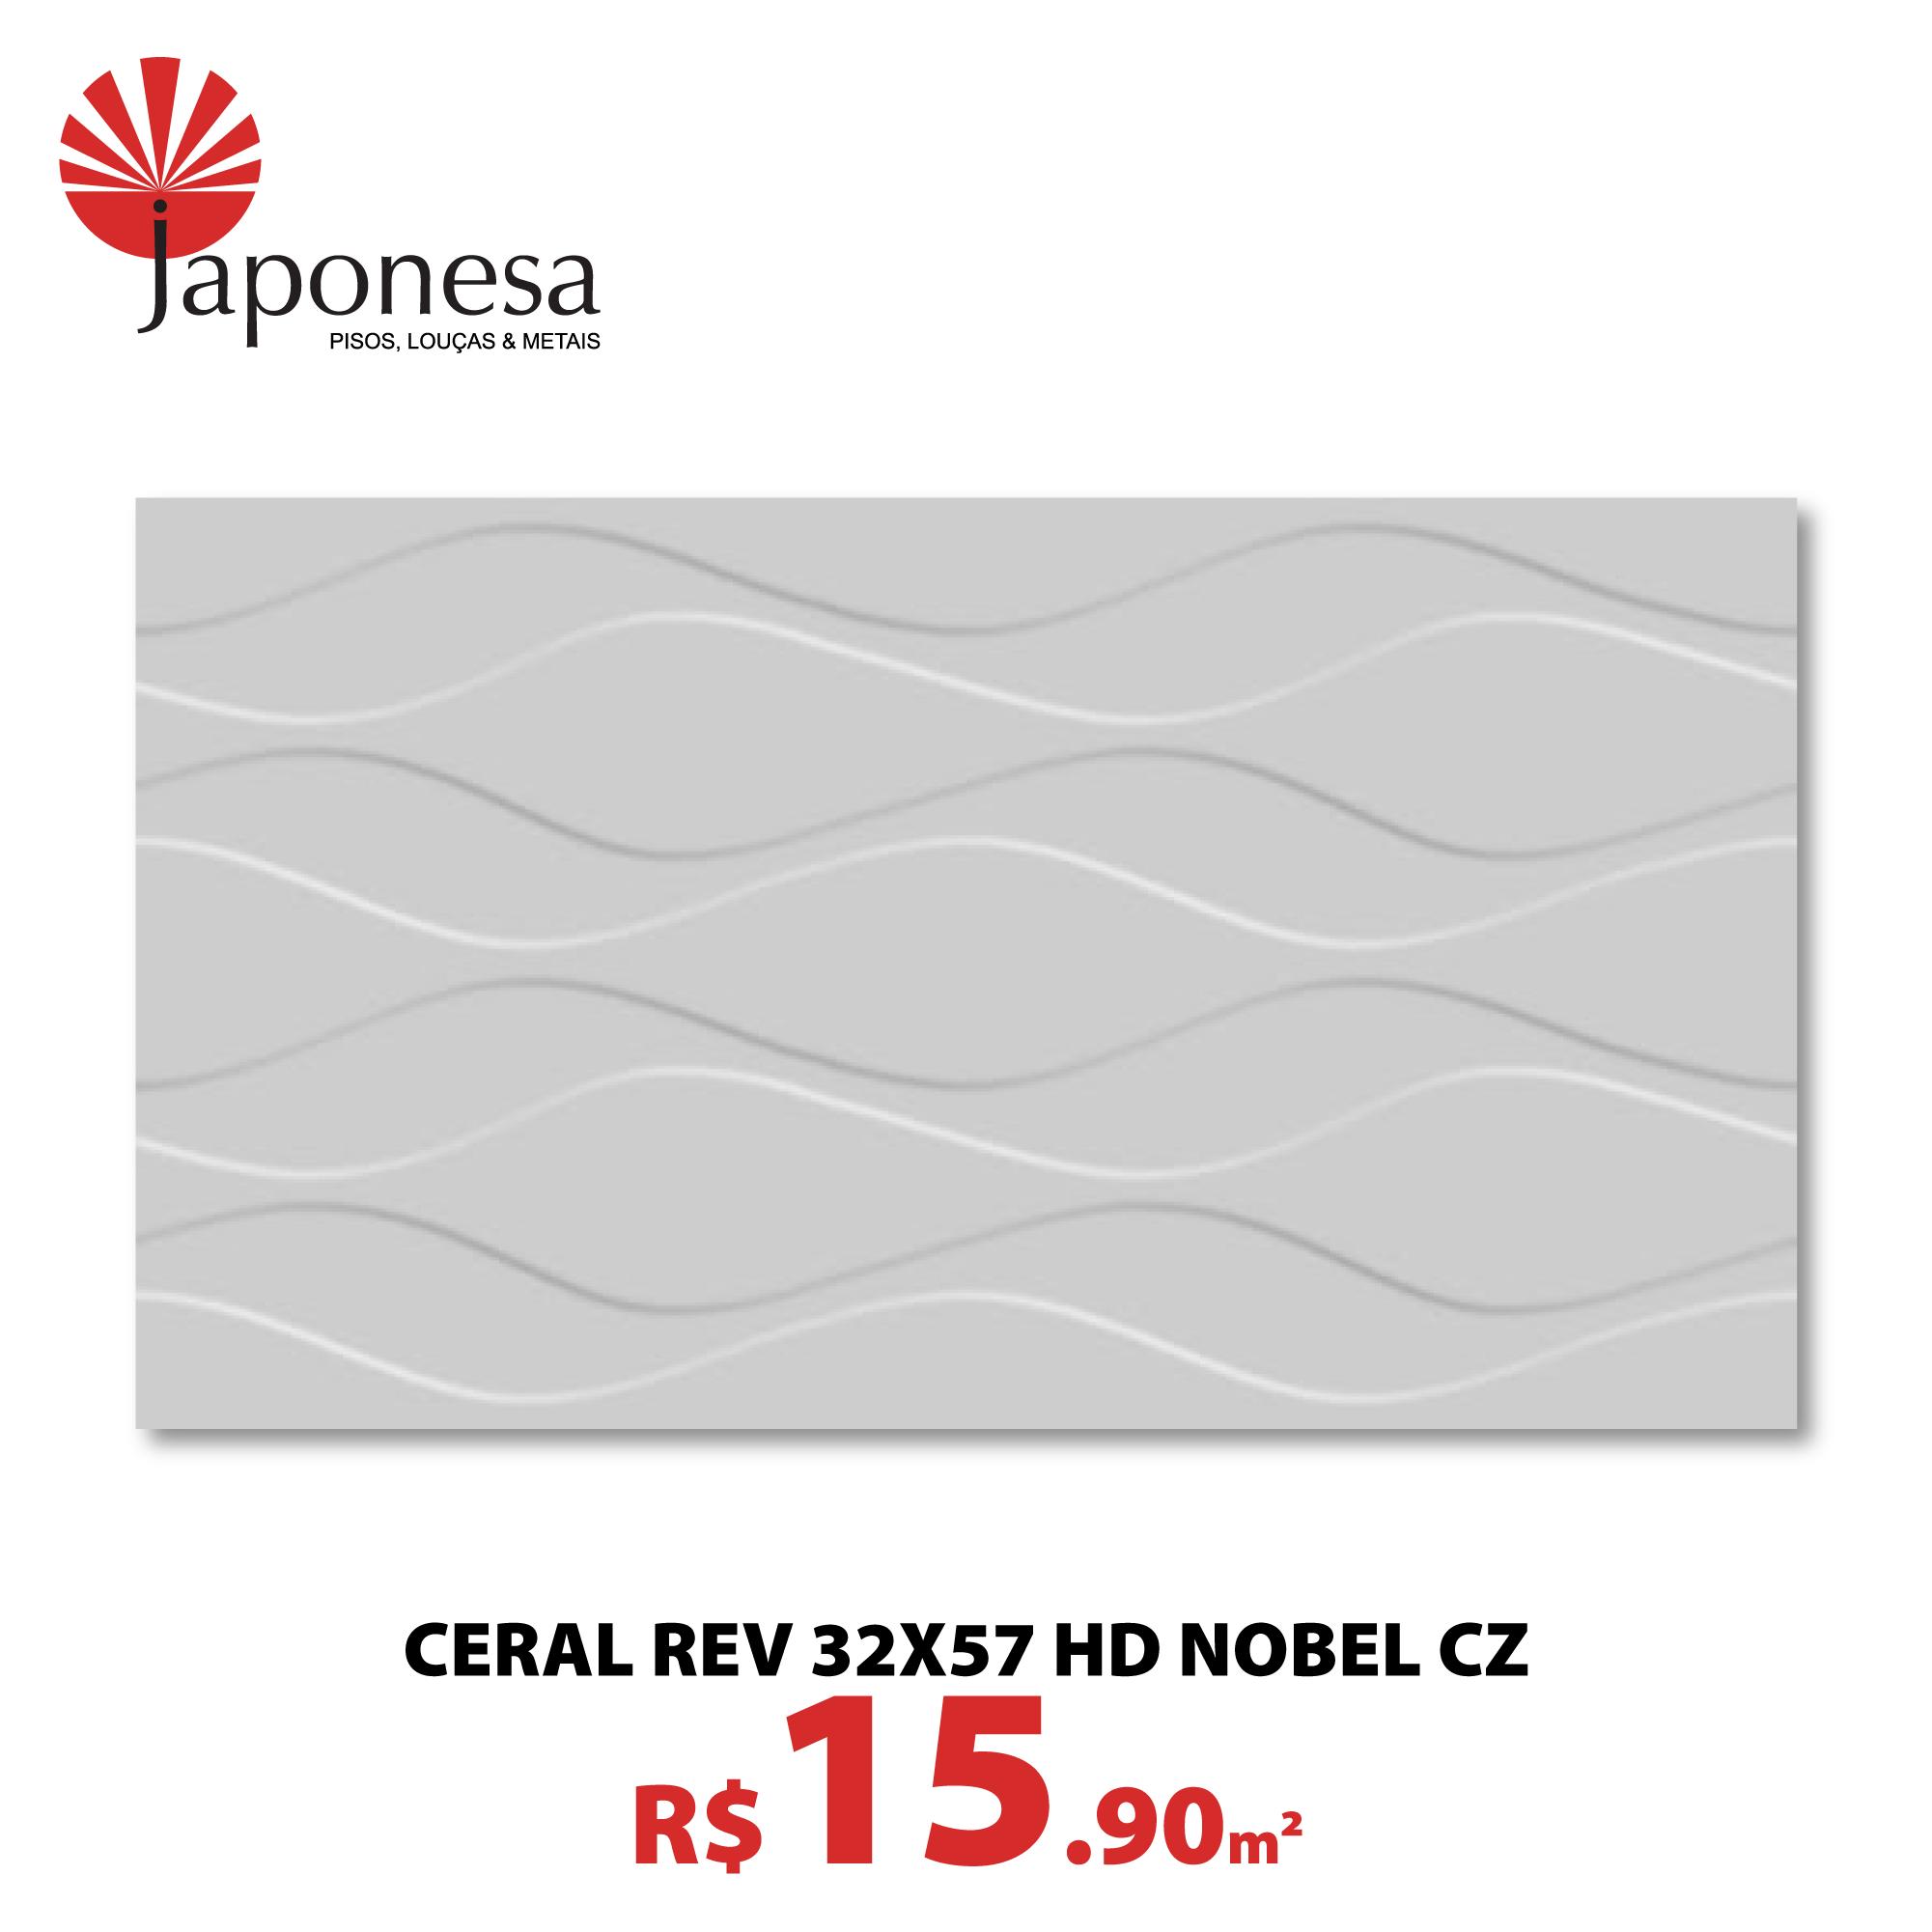 Ceral Rev 32x57HD Nobel CZ